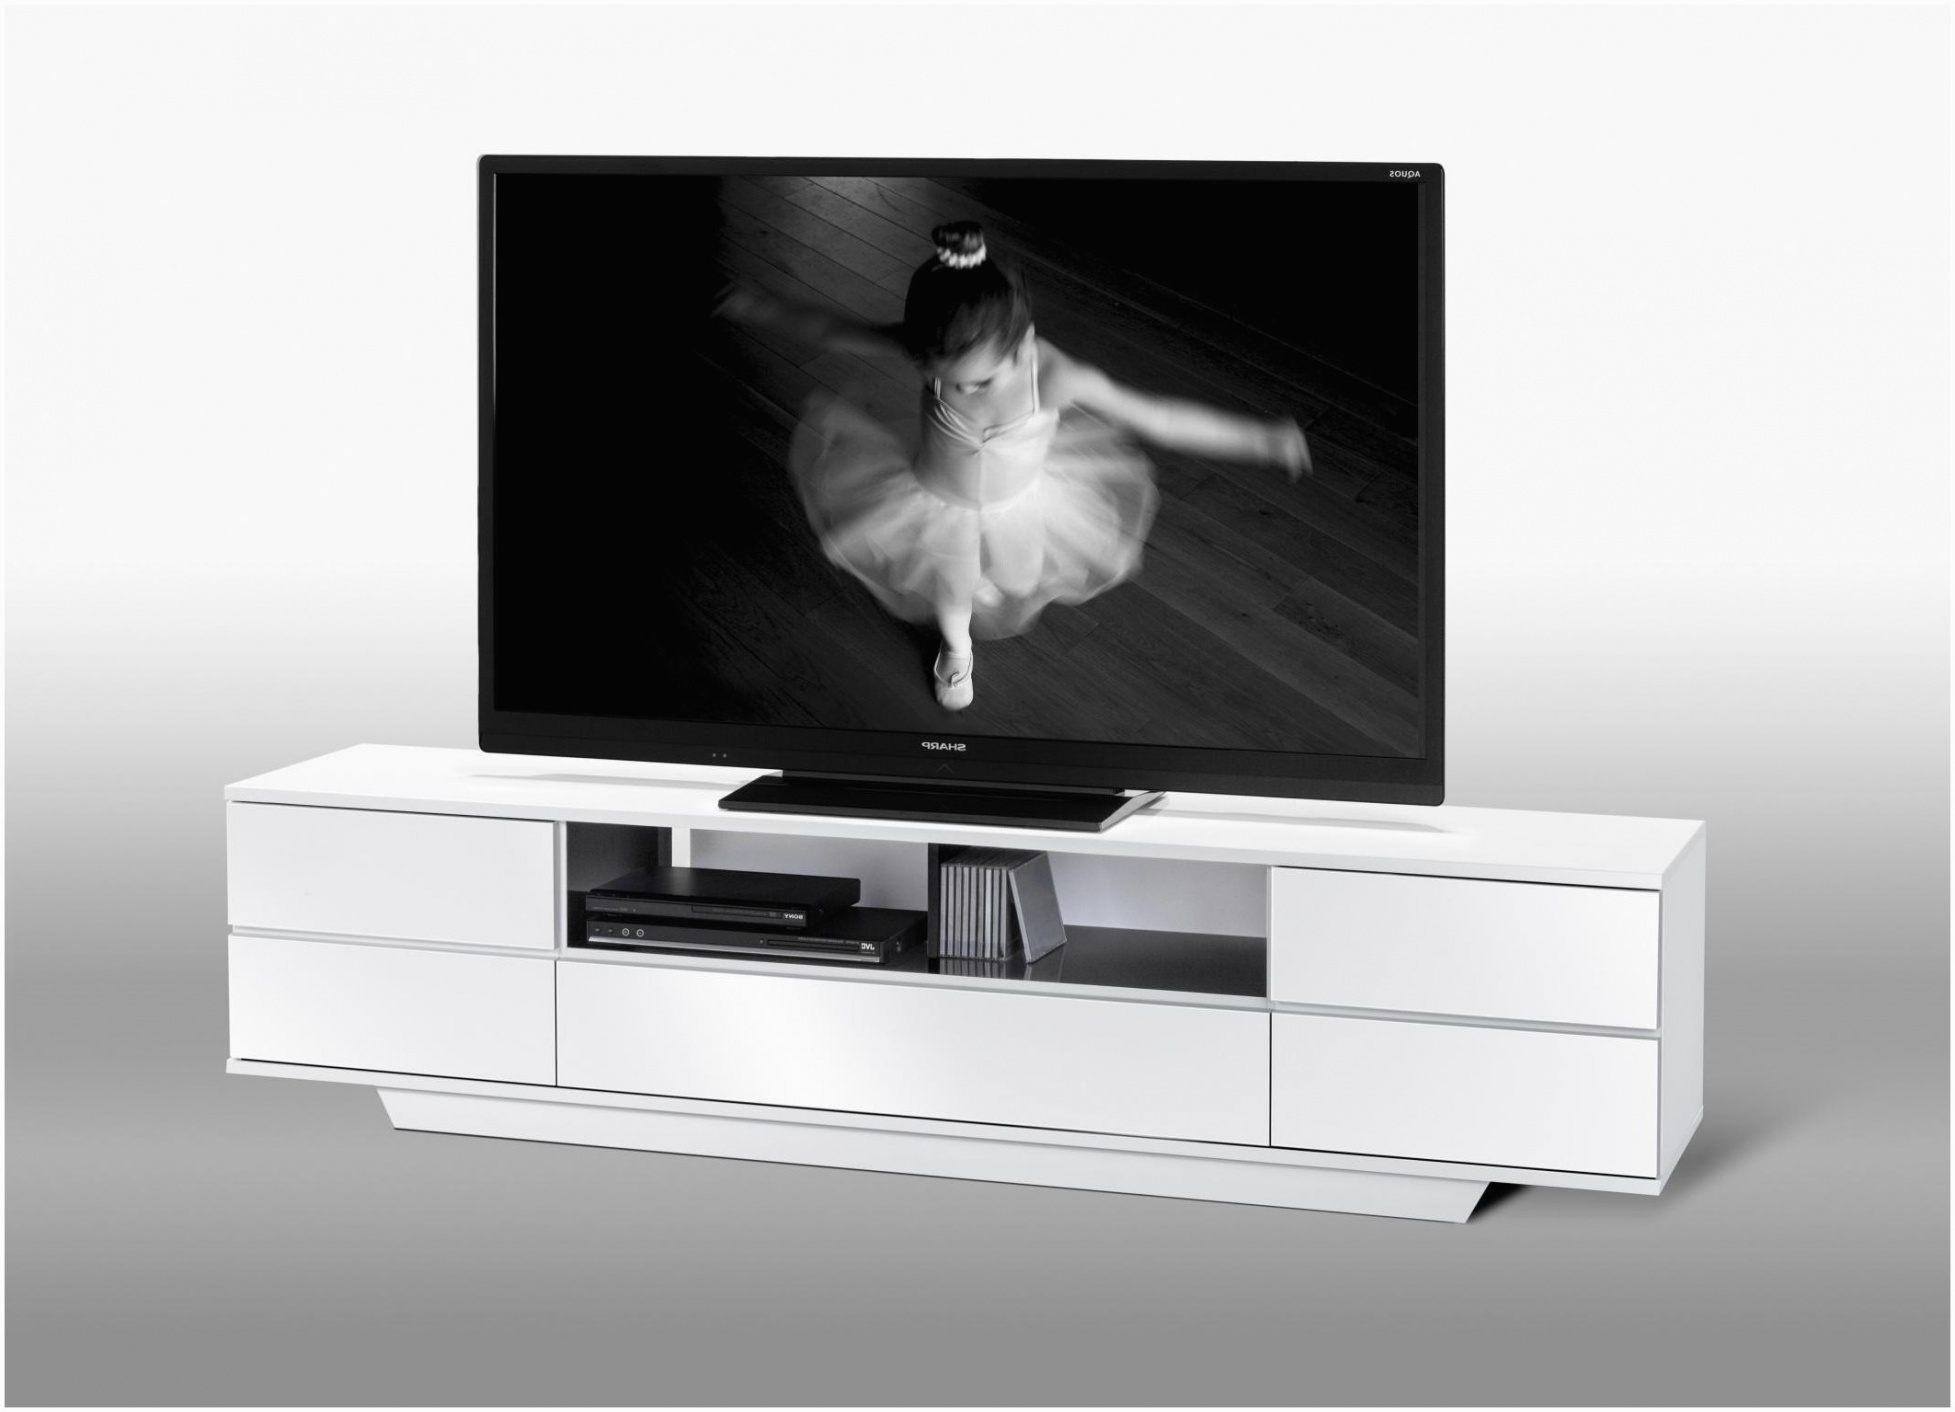 Meuble Tv Blanc Laqué Pas Cher Magnifique Rpc Meuble Télé concernant Meuble Tv Blanc Laqué Pas Cher